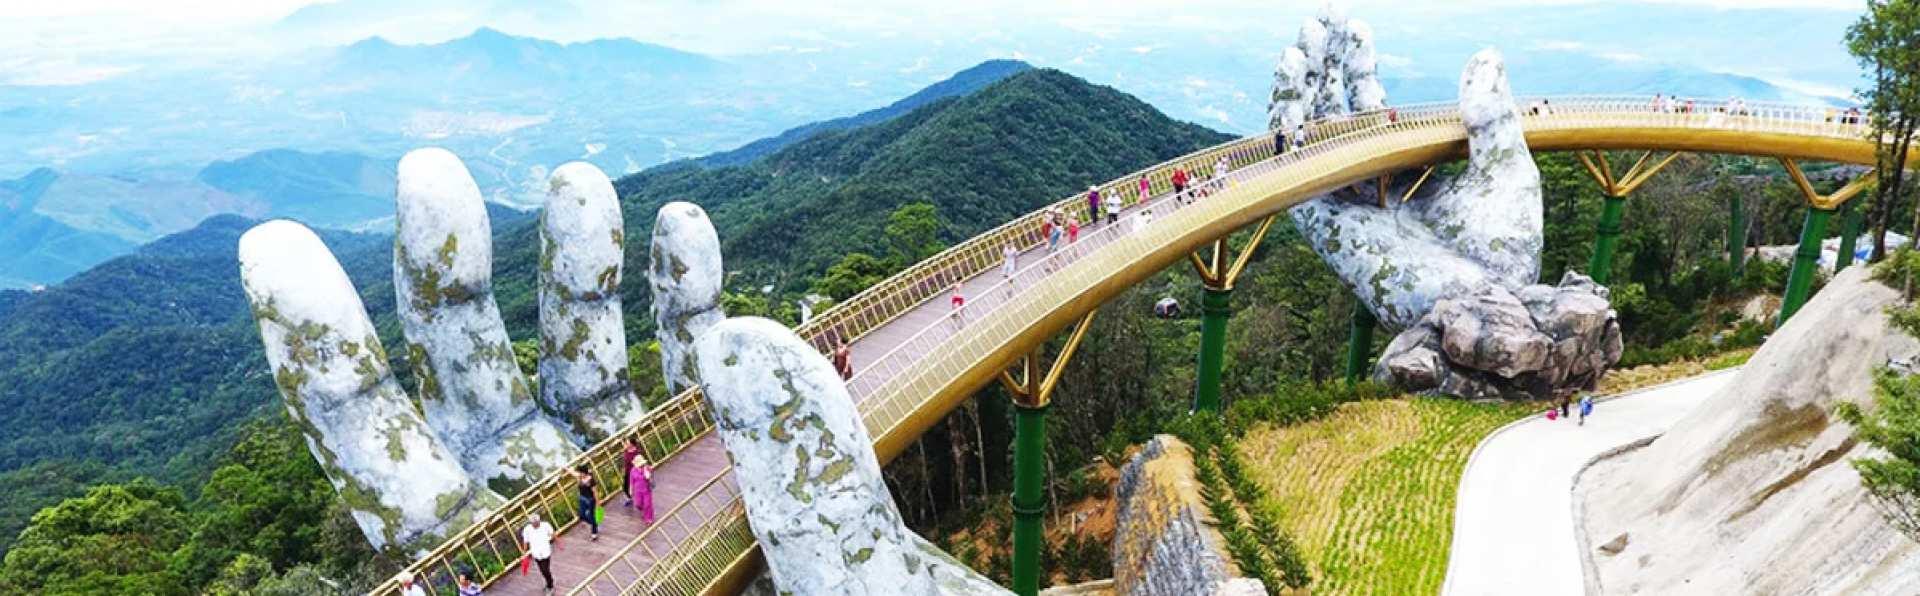 【暢遊越南小法國】巴拿山及來回纜車門票